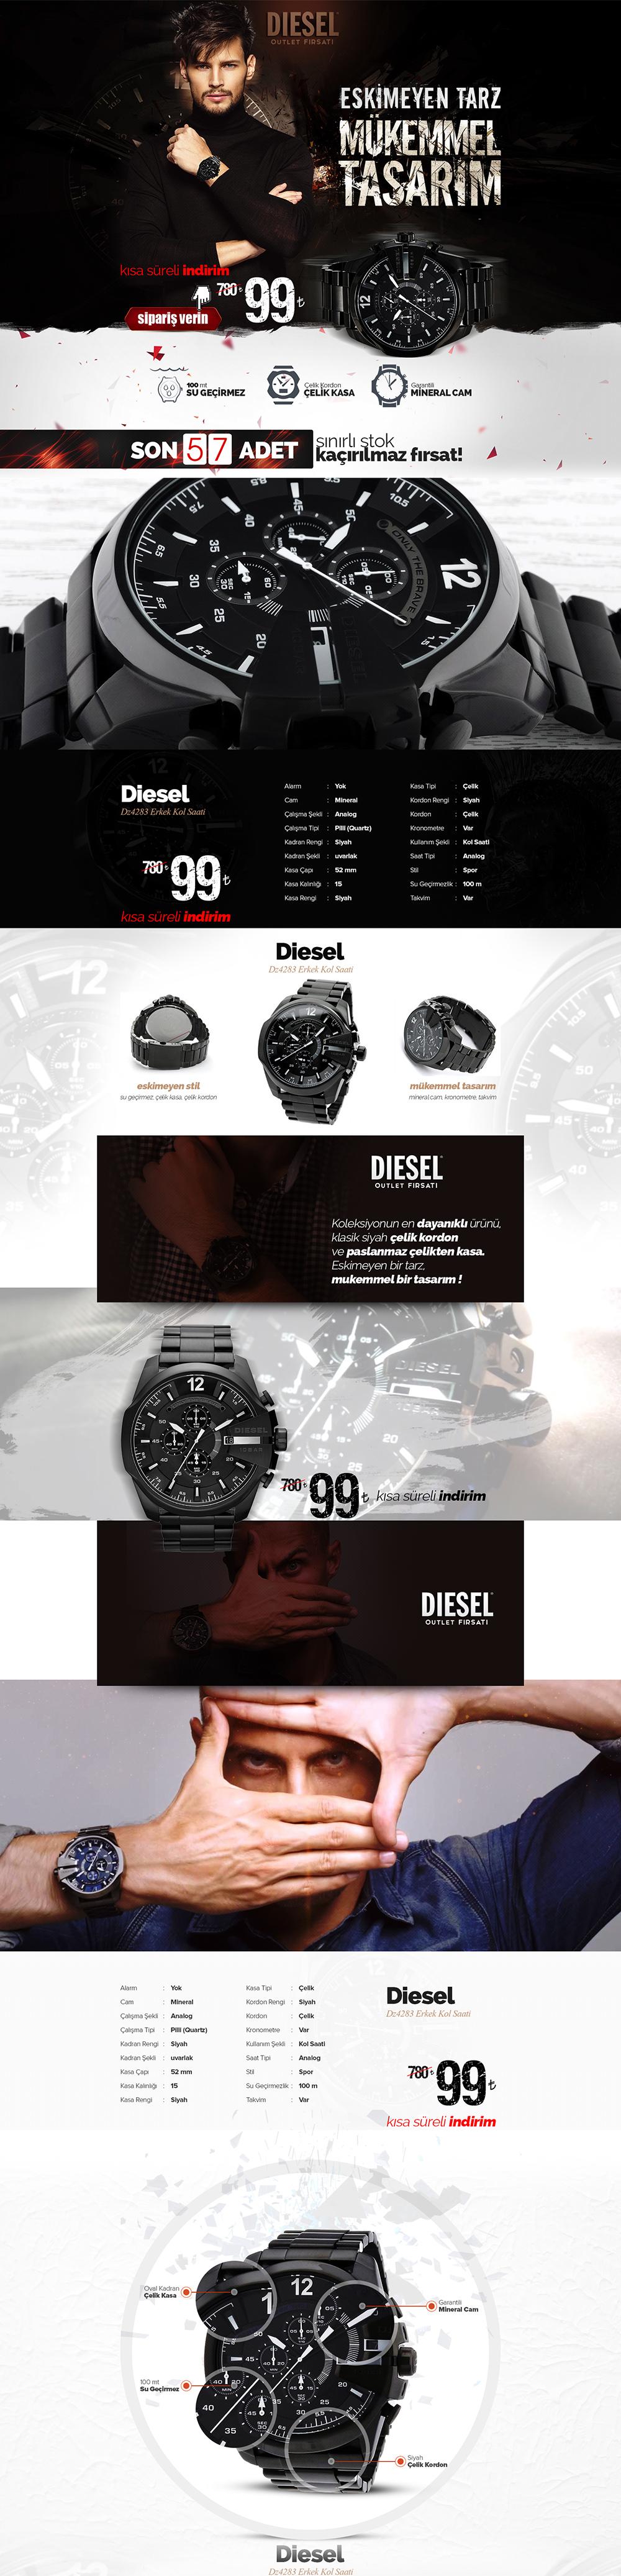 diesel-ic